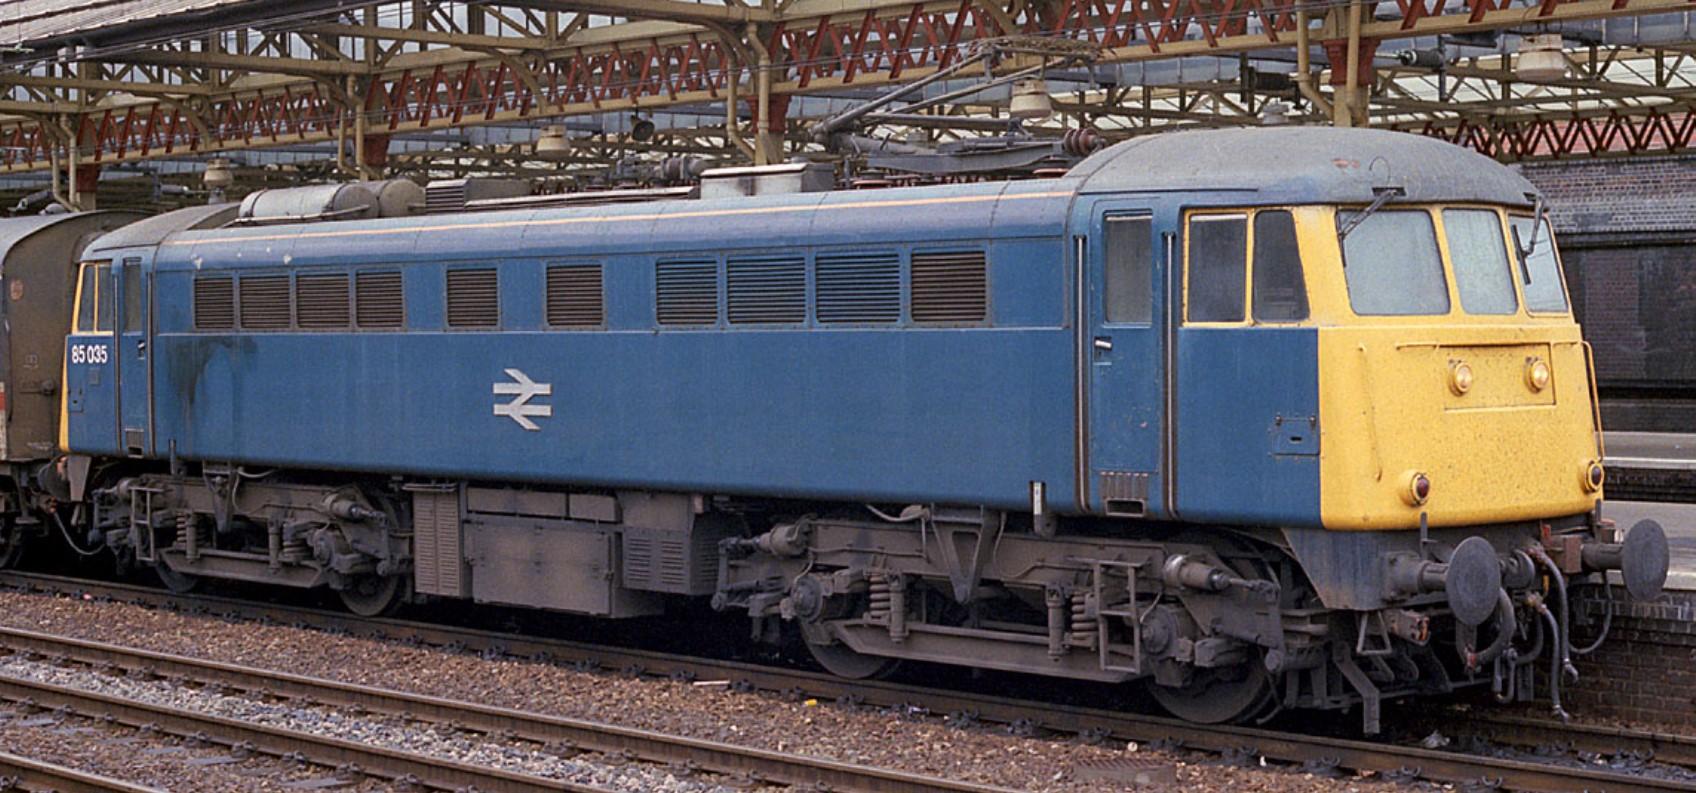 85035 at Crewe in May 1987. ©Steve Jones